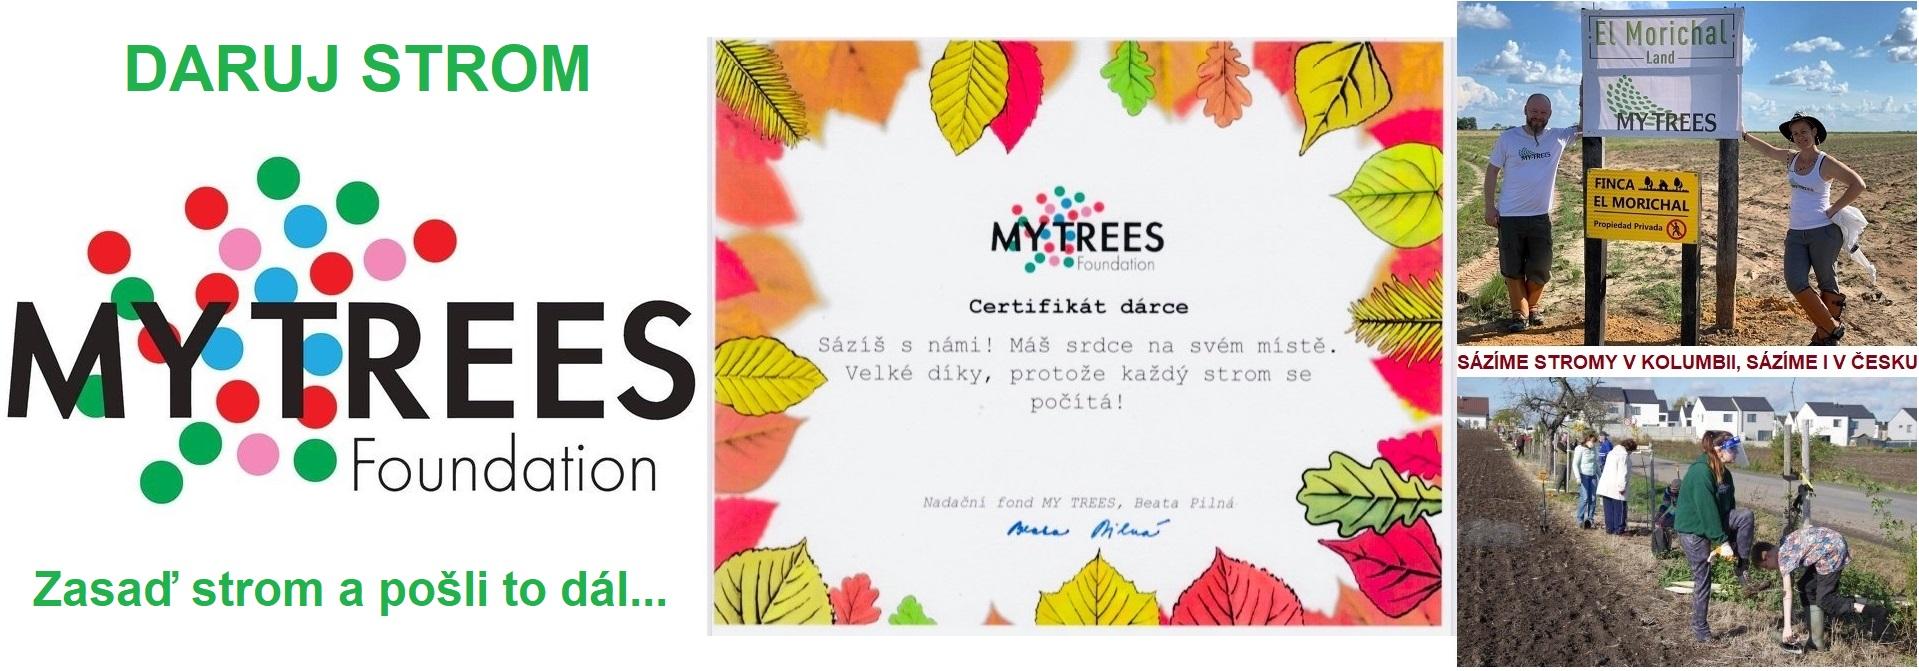 Nadační fond My Trees: Získej Certifikát dárce. Zasaď strom a pošli to dál. Každý strom se počítá. Koordinujeme zalesňovací projekty jak v České republice, tak v Evropě. Koordinujeme zalesňovací projekty jak v České republice, tak v Evropě. Sázíme stromy po celém světě a propojujeme lidi, kterým není jedno, jakou Zemi necháme našim dětem. Miliarda stromů je náš cíl. A my to dáme! Nechceme jednou na lesy jen vzpomínat. Pojď sázet s námi!